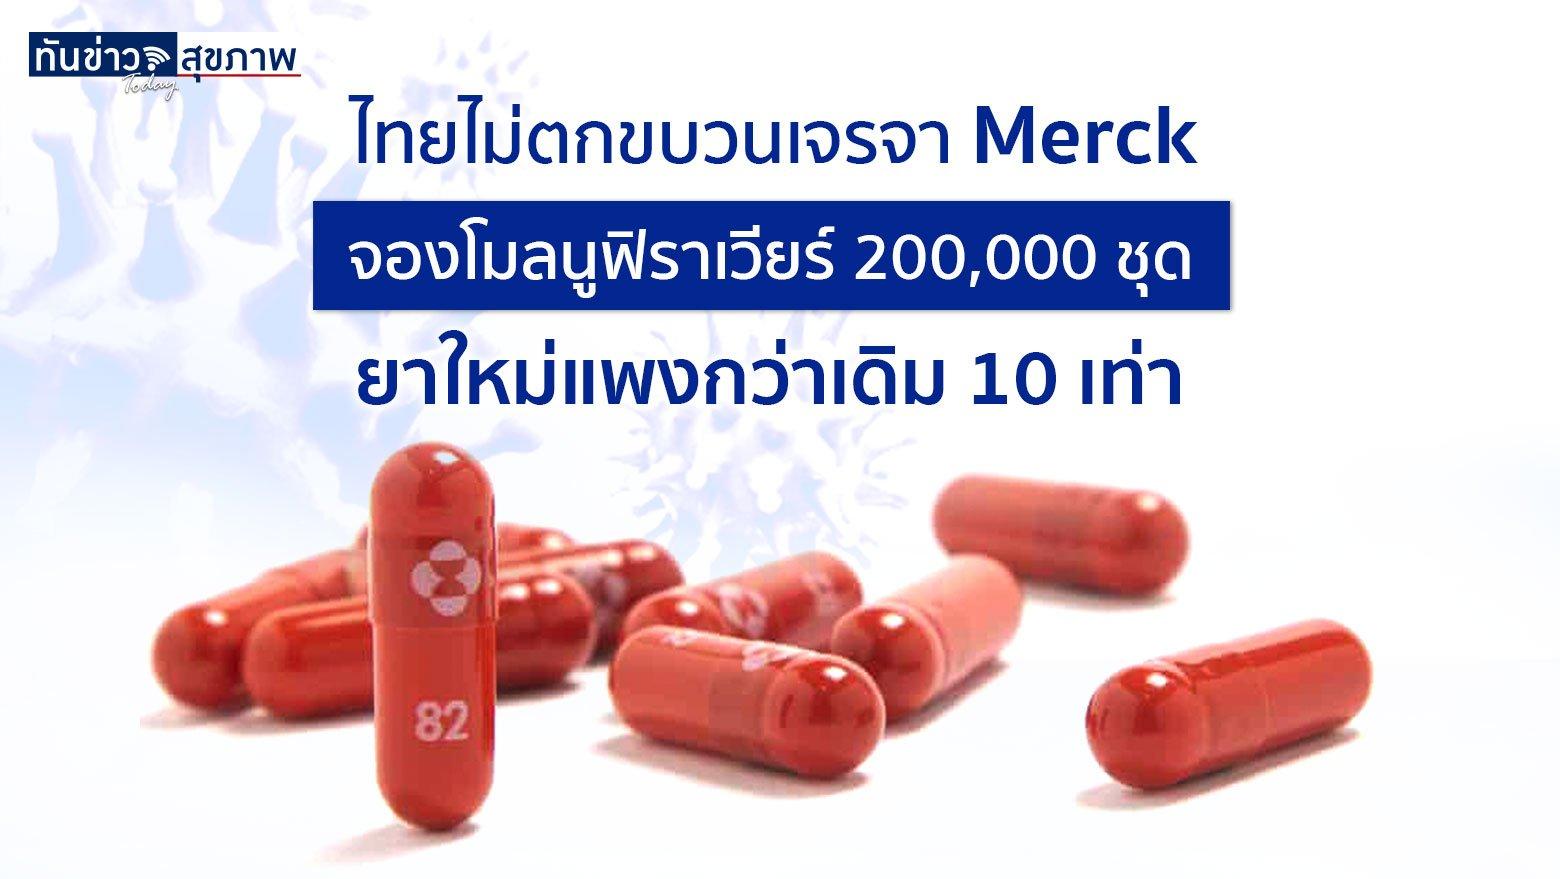 ไทยร่วมจองยาเม็ดรักษาโควิดกับ Merck  200,000 ชุด ยาใหม่แพงกว่าเดิม 10 เท่า